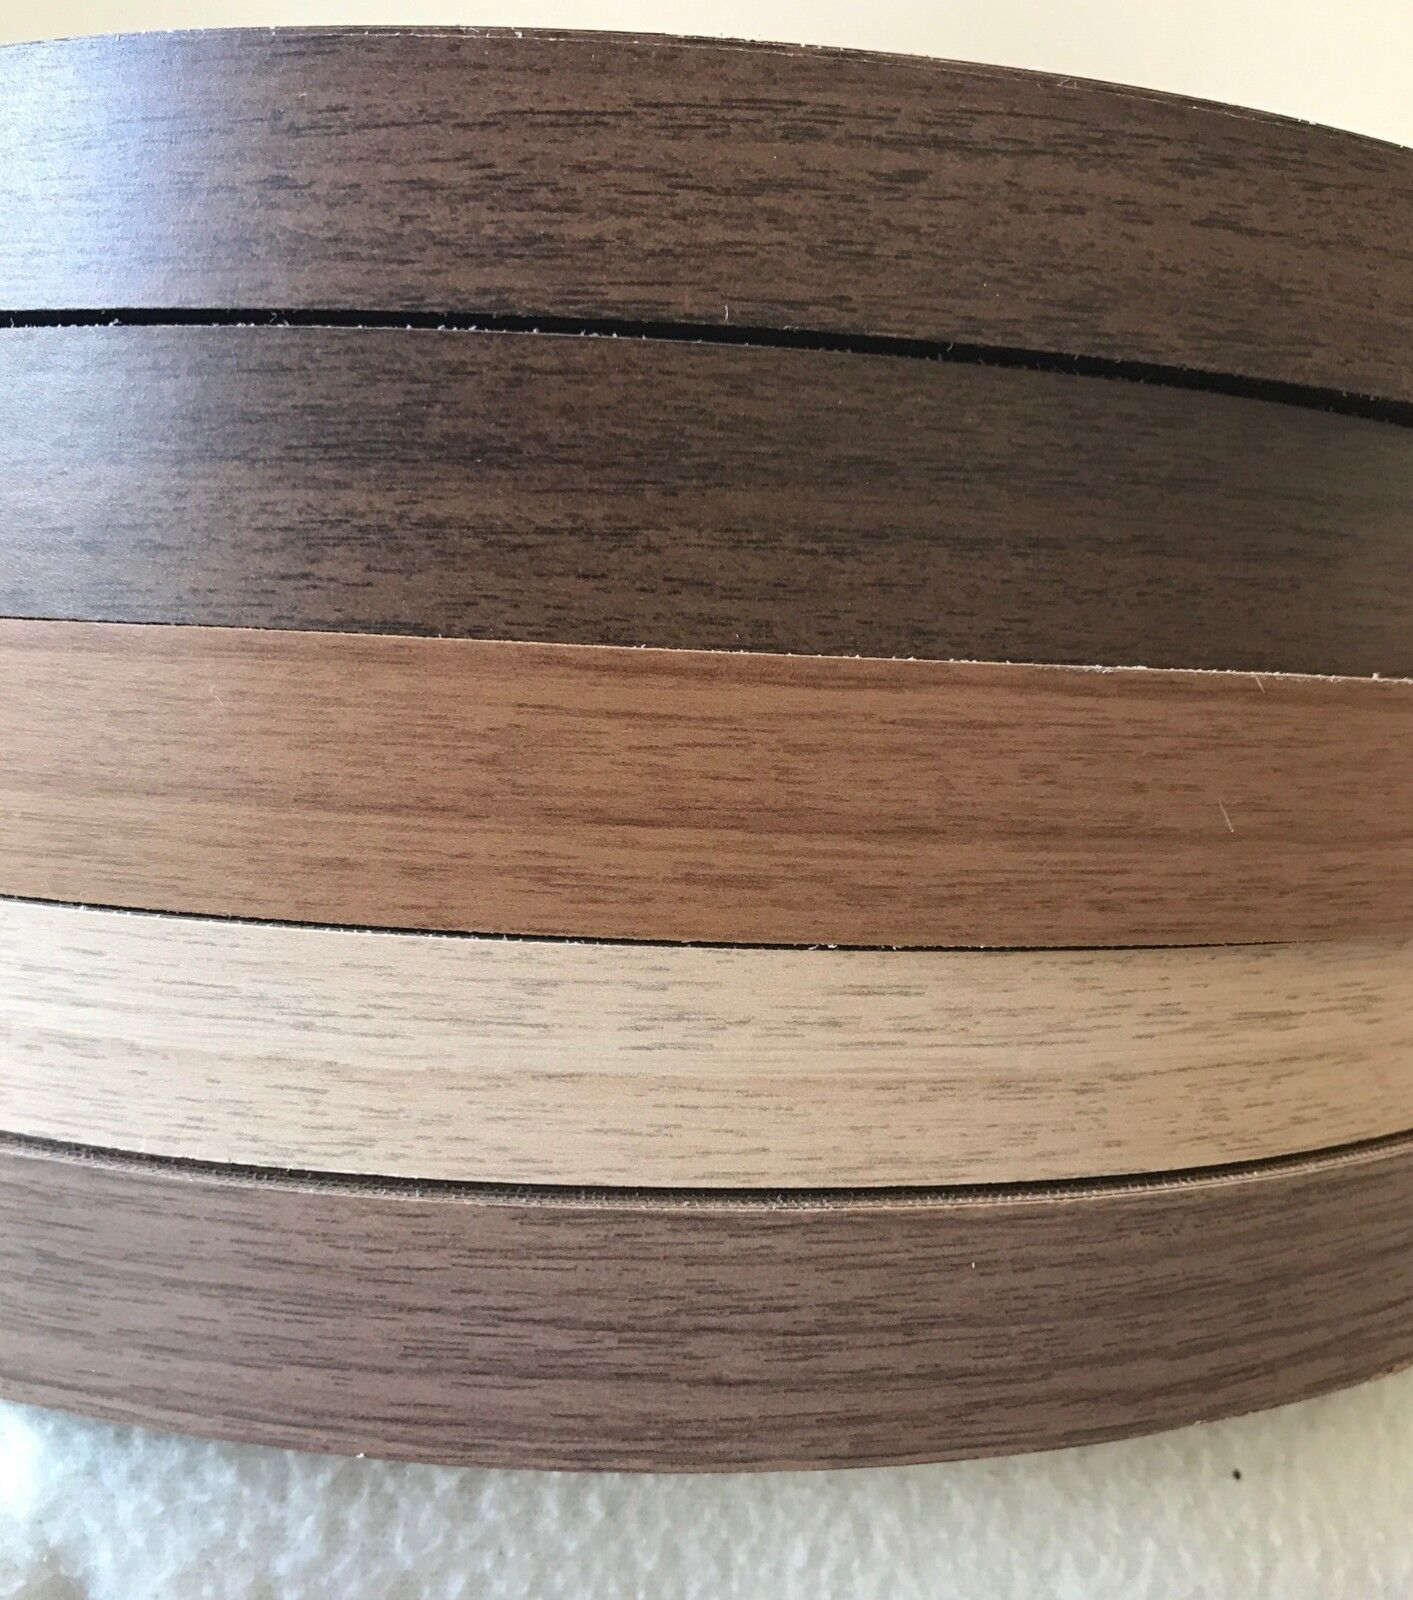 Iron on Pre-Glued Veneer Melamine Edging Tape 48mm Black Gloss